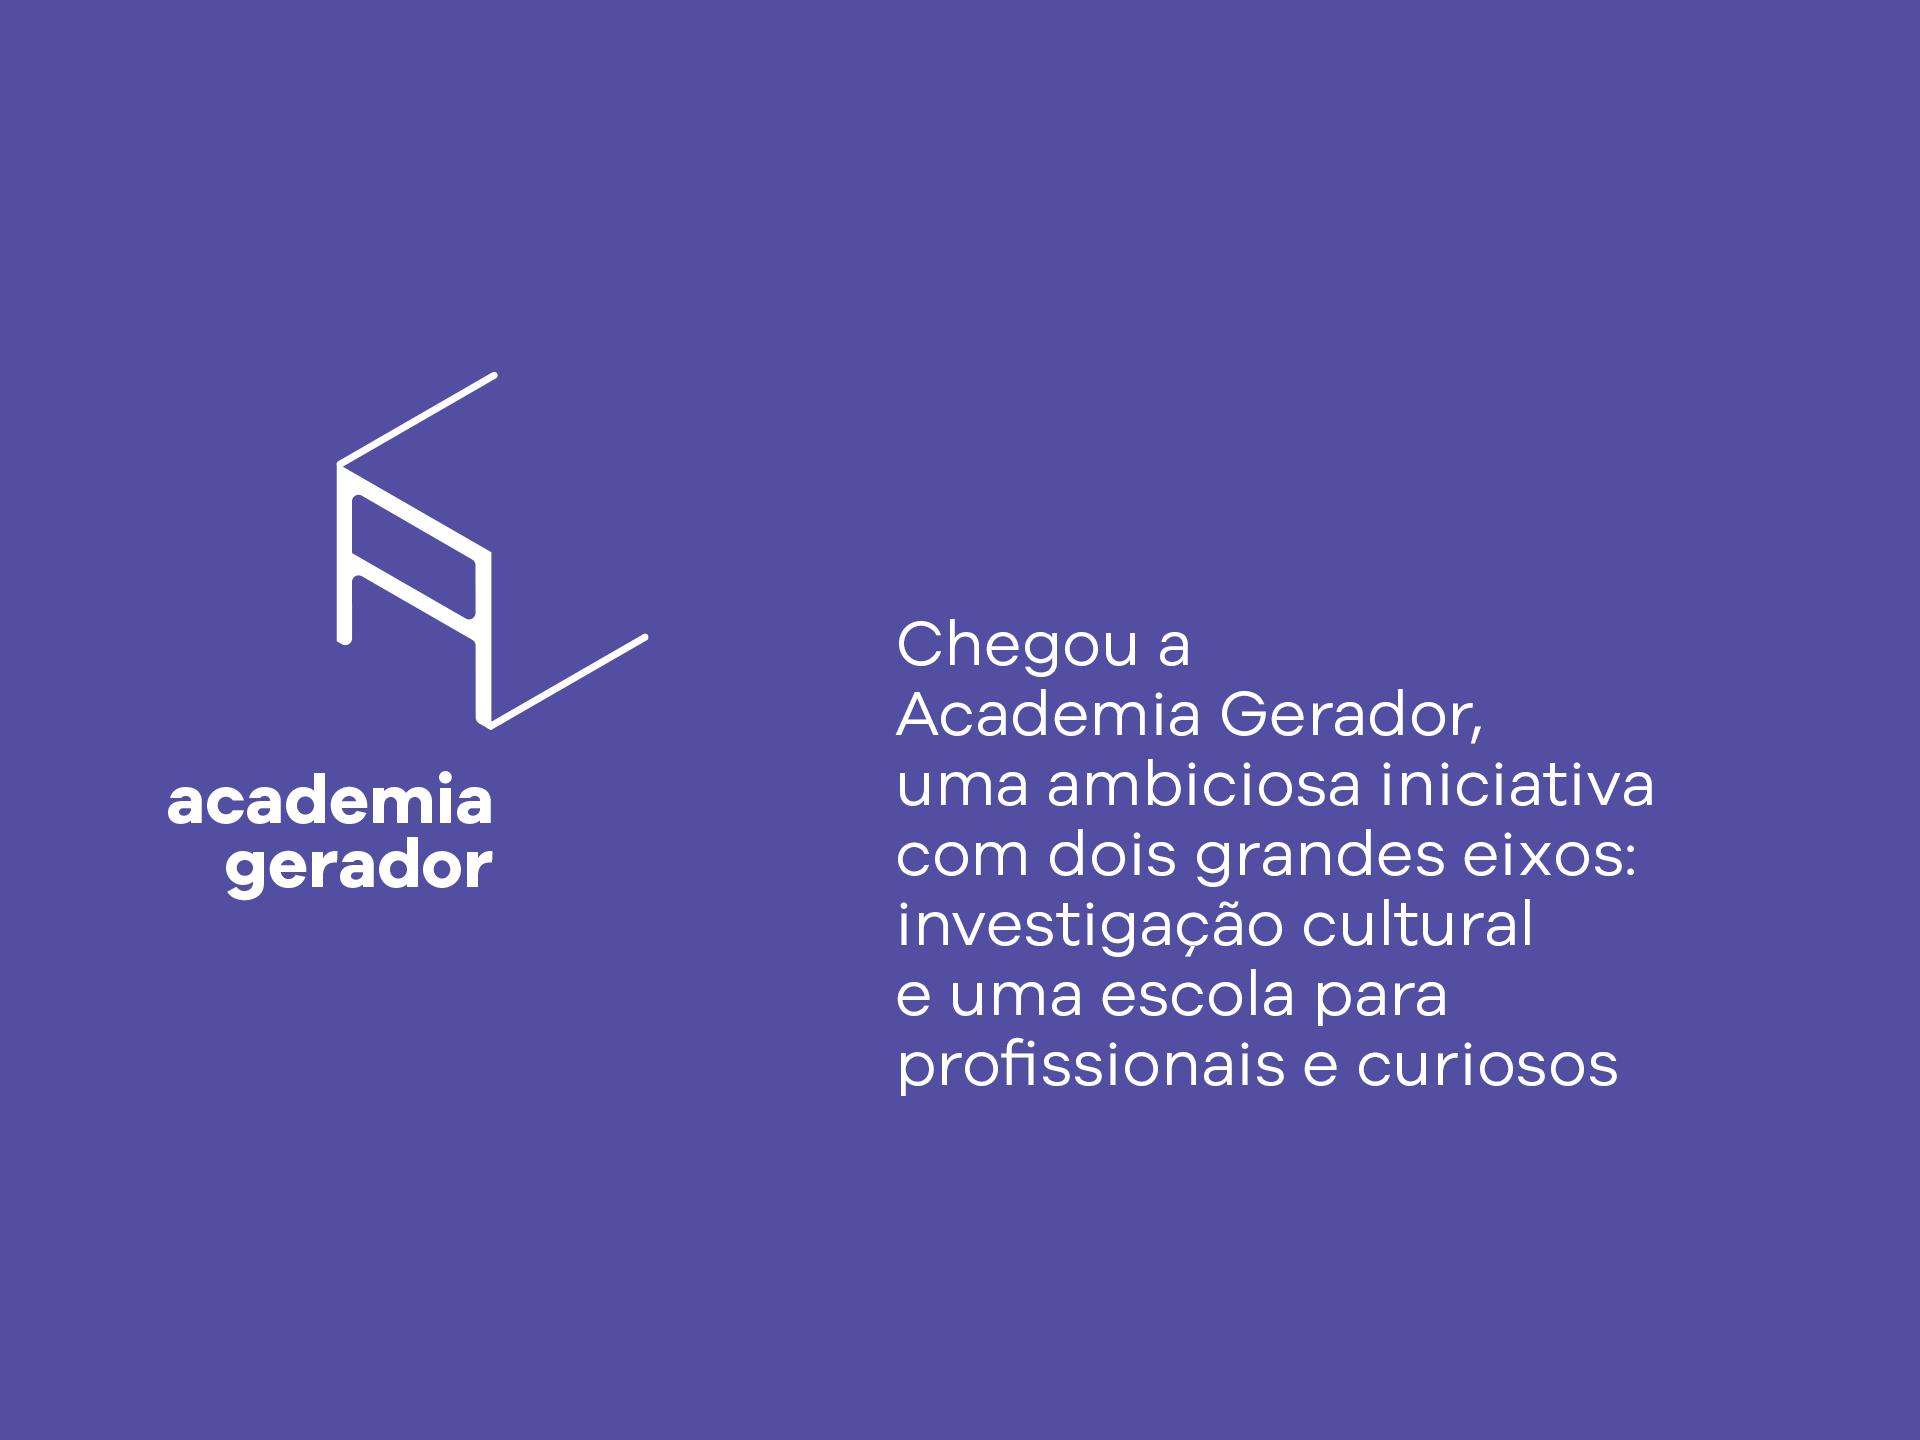 academiagerador_01